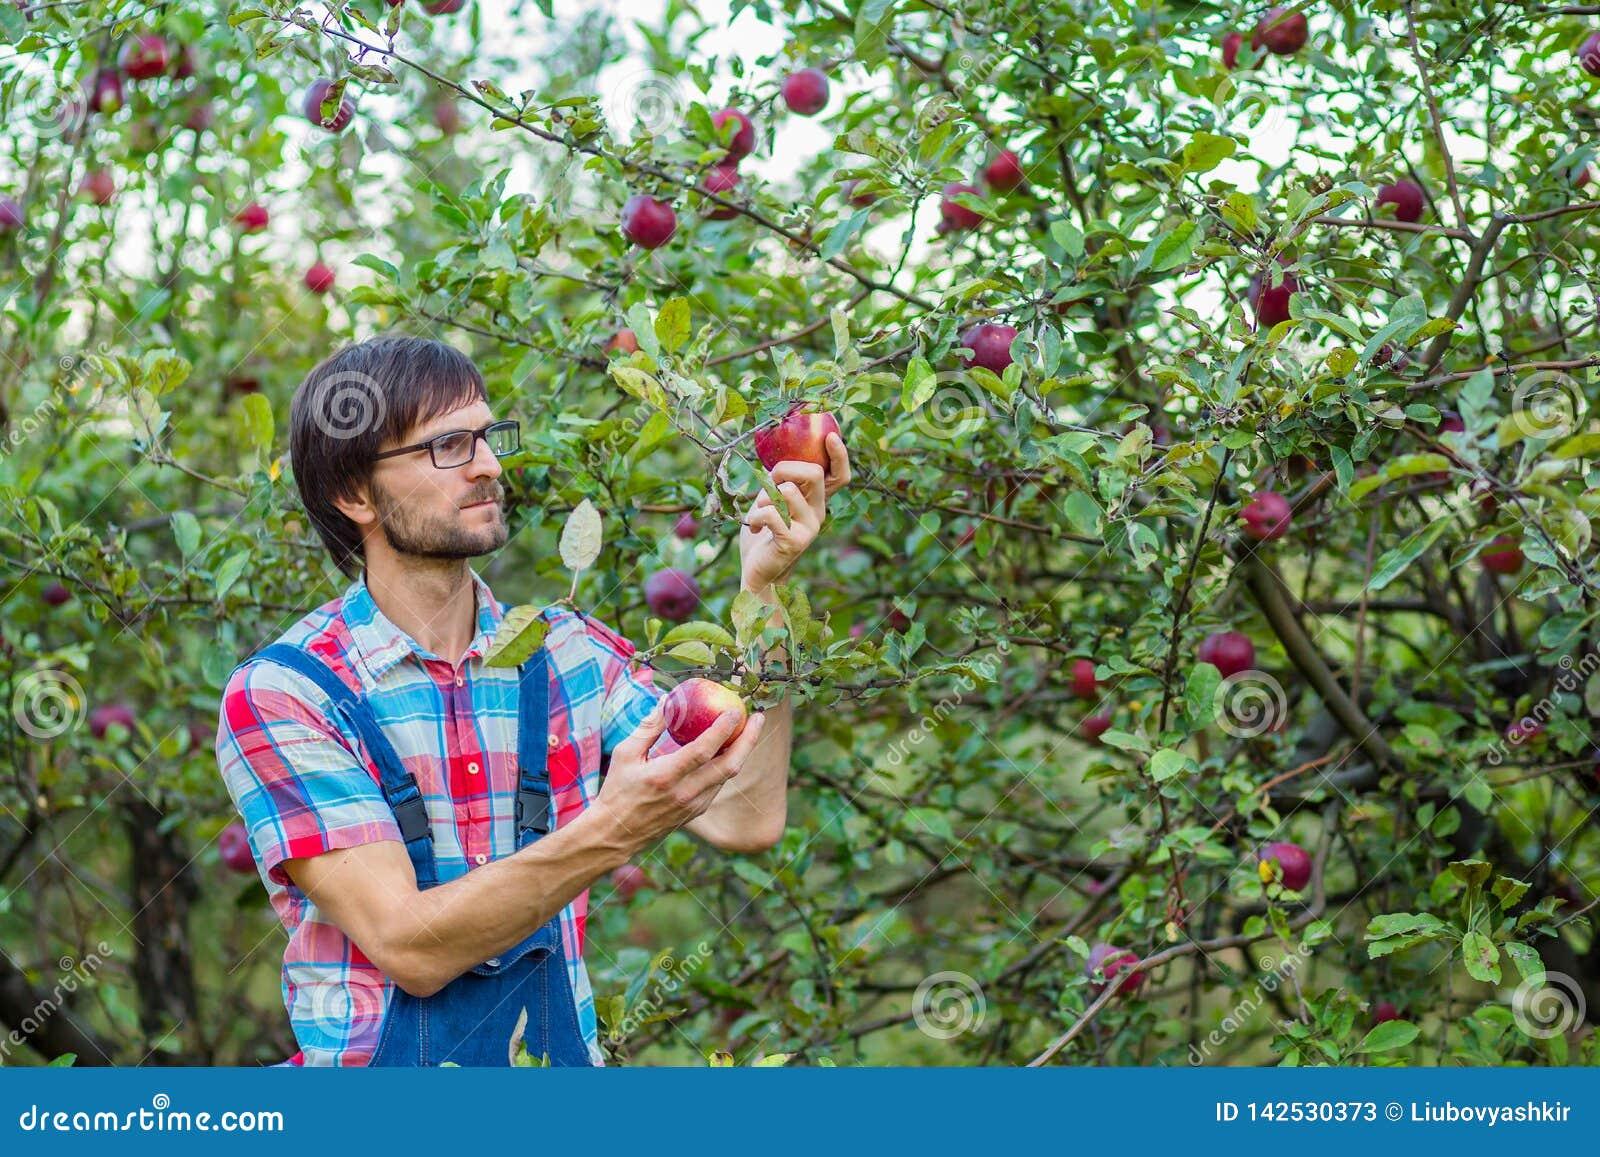 Zrywań jabłka Mężczyzna z pełnym koszem czerwoni jabłka w ogródzie